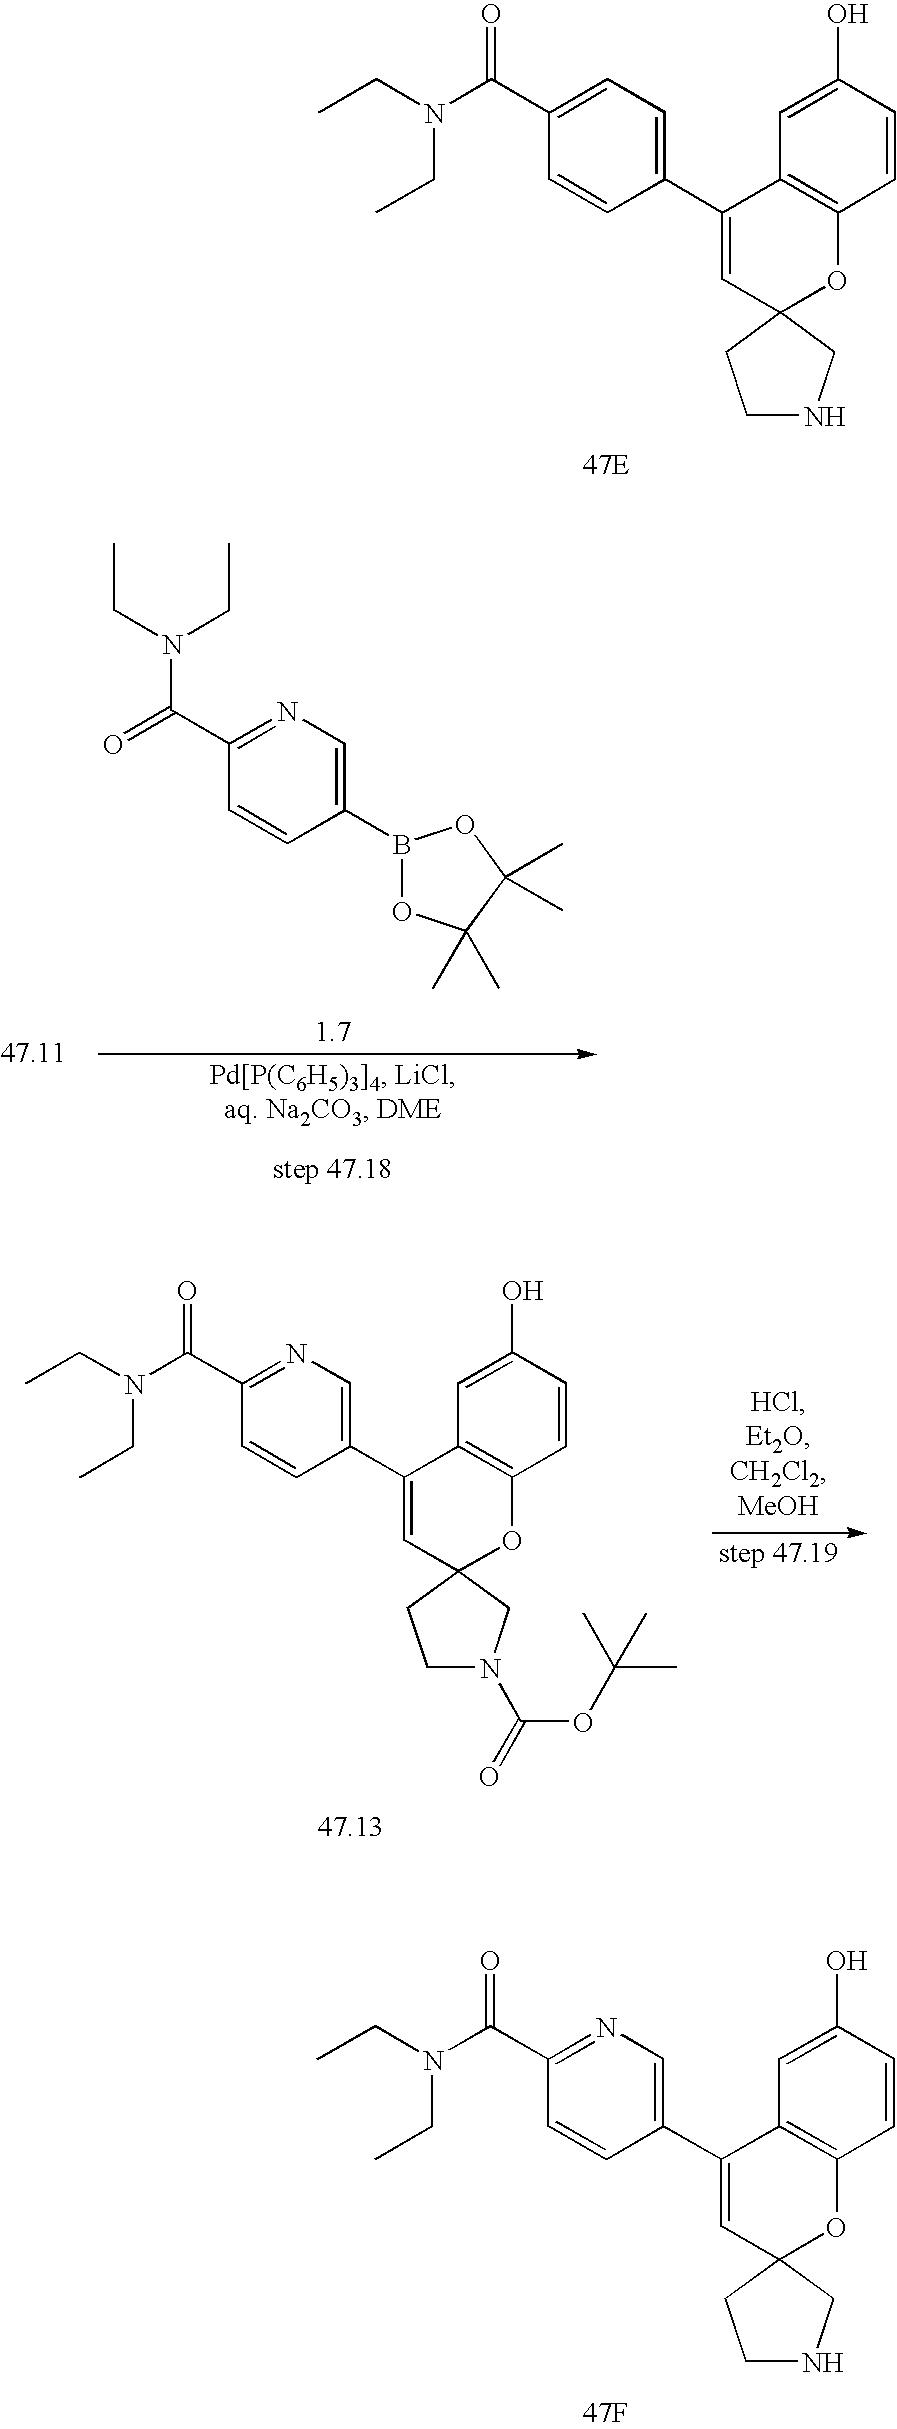 Figure US07598261-20091006-C00236